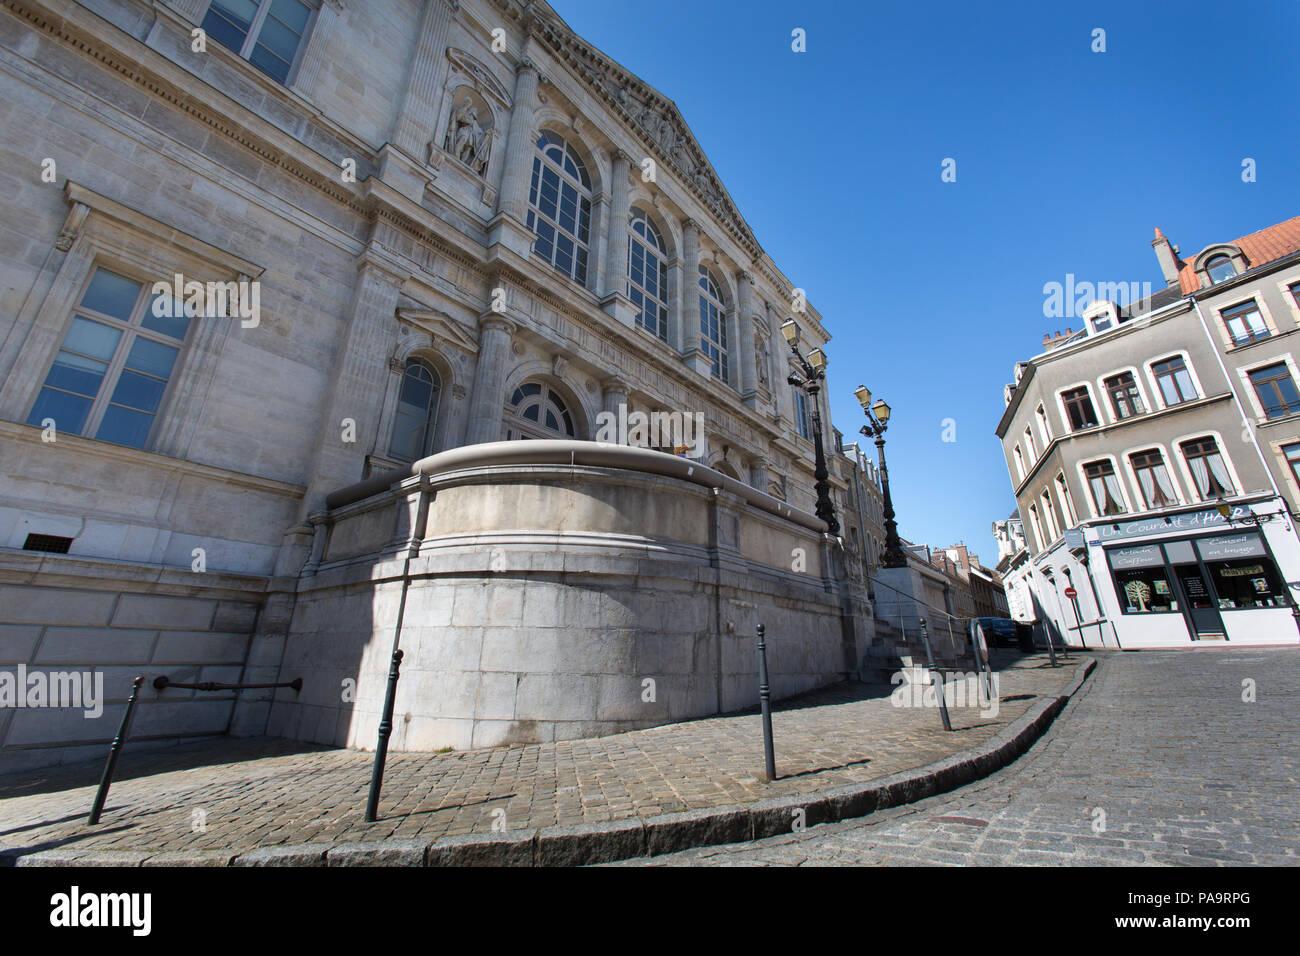 Architecte D Intérieur Boulogne Sur Mer boulogne old town stock photos & boulogne old town stock